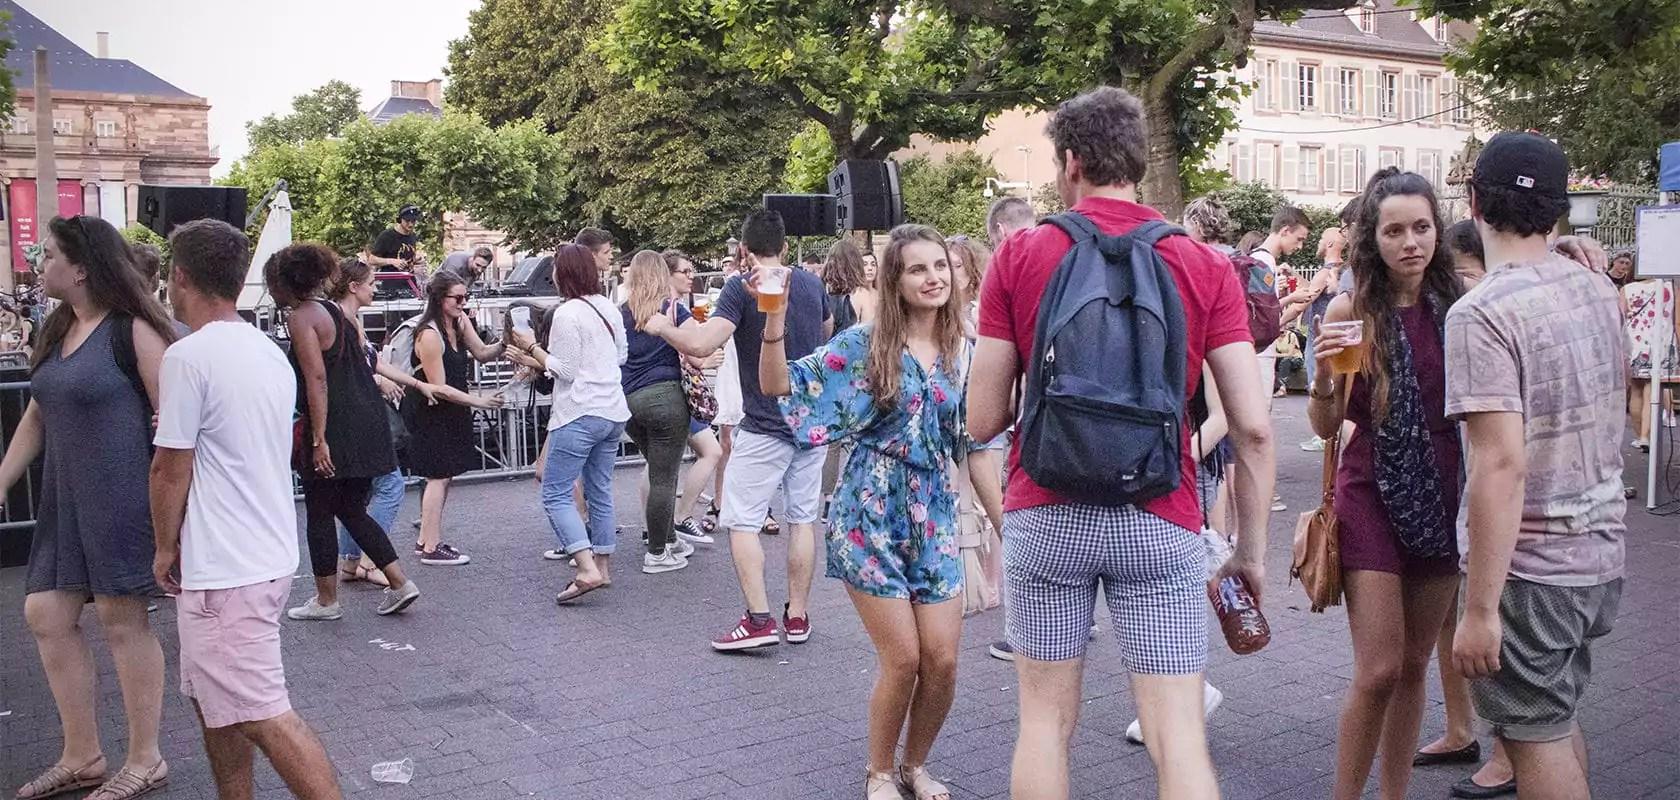 La Fête de la Musique 2017 à Strasbourg, chaleur, frites, rires et des notes…